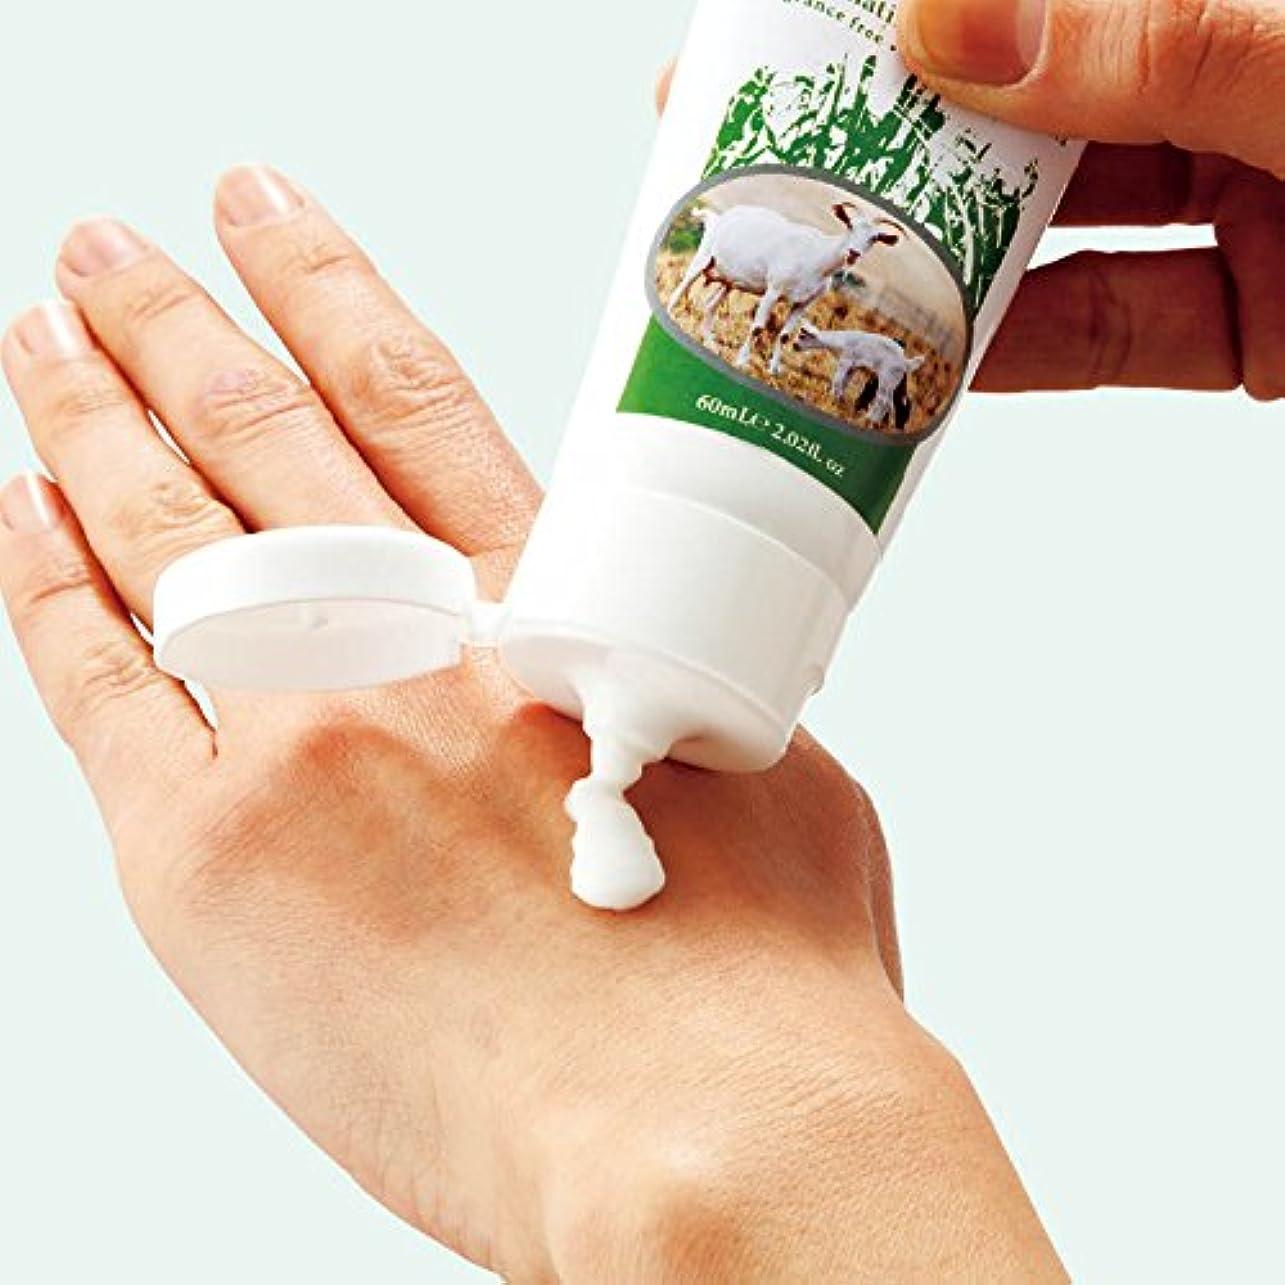 葉を拾う基礎エジプト人オーストラリア 土産 ティリー ゴートミルク ハンドクリーム 3本セット (海外旅行 オーストラリア お土産)